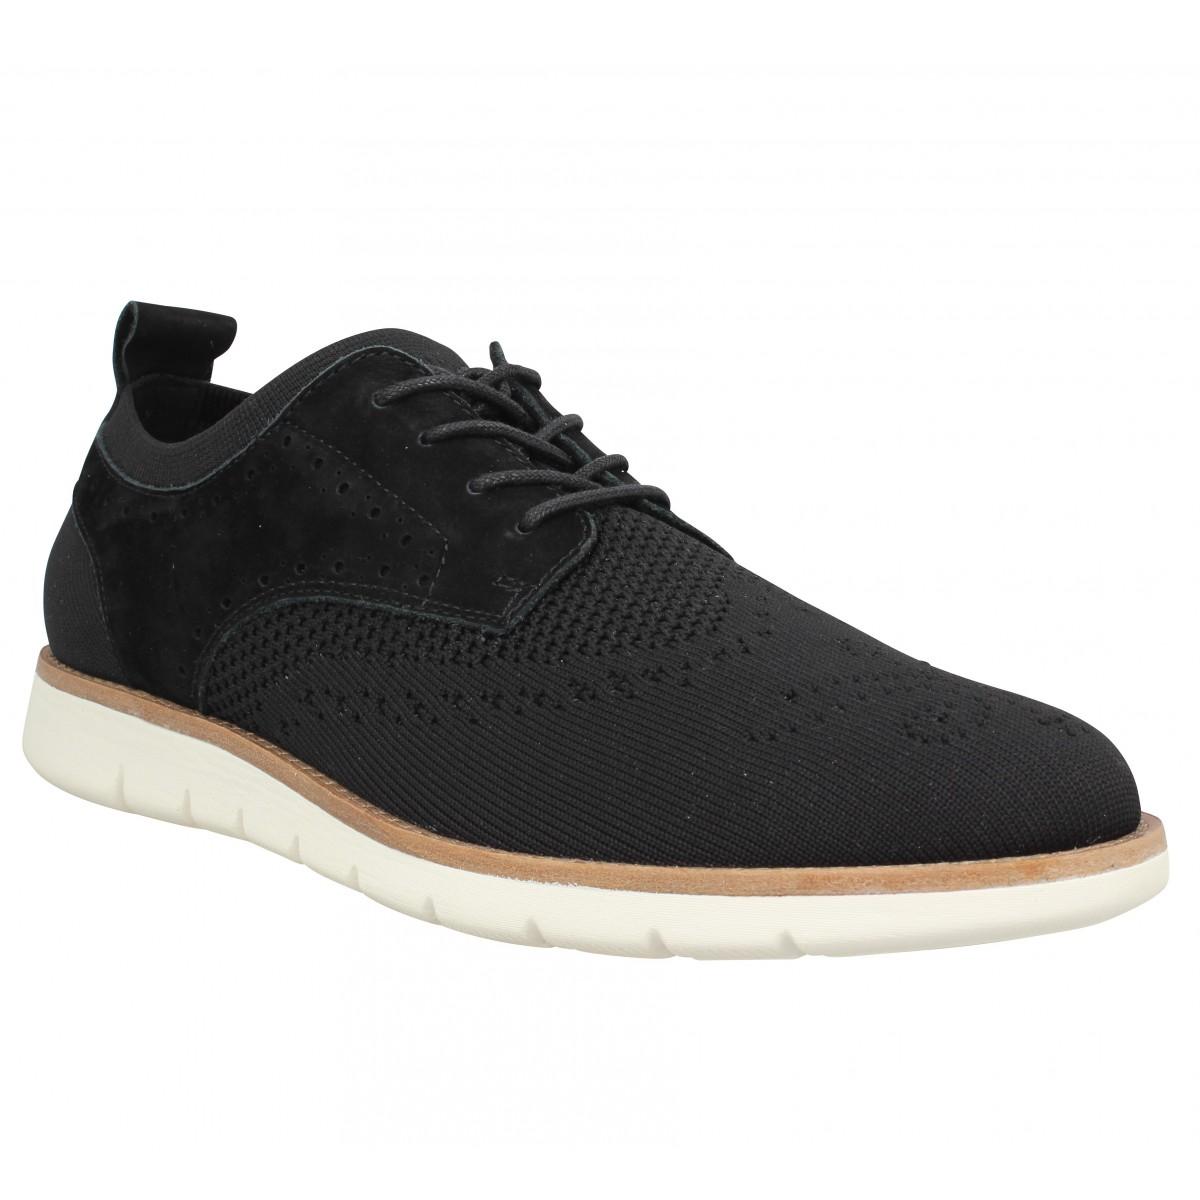 Chaussures à lacets SCHMOOVE Echo Derby textile Homme Noir